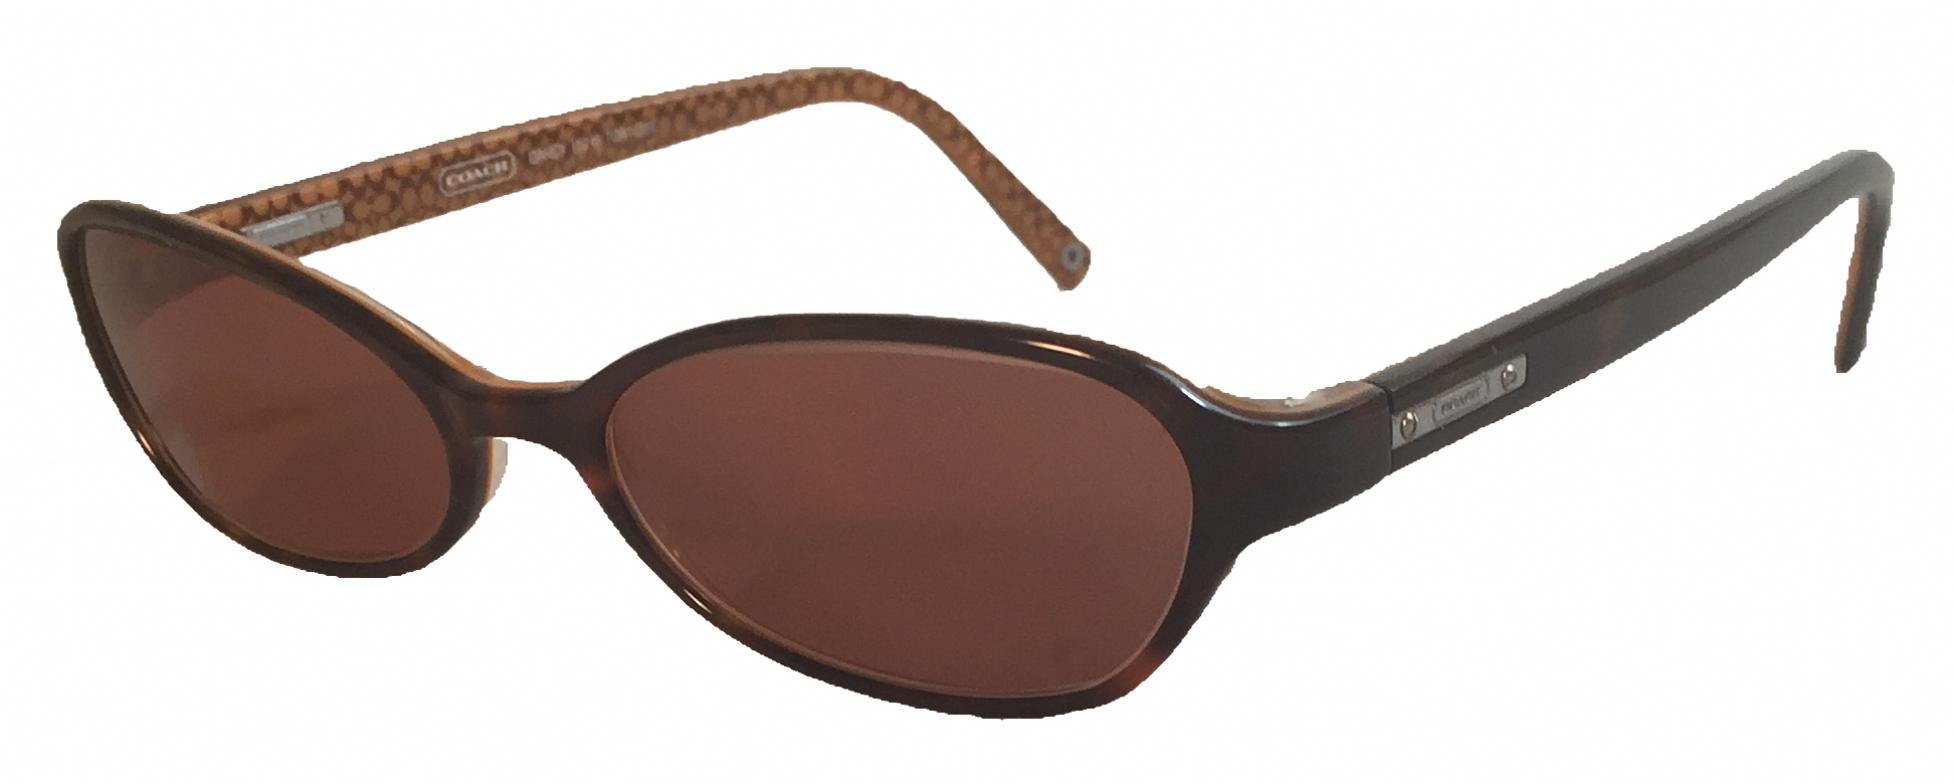 Coach Darcy Eyeglass Frames : Coach Darcy 524 Eyeglasses